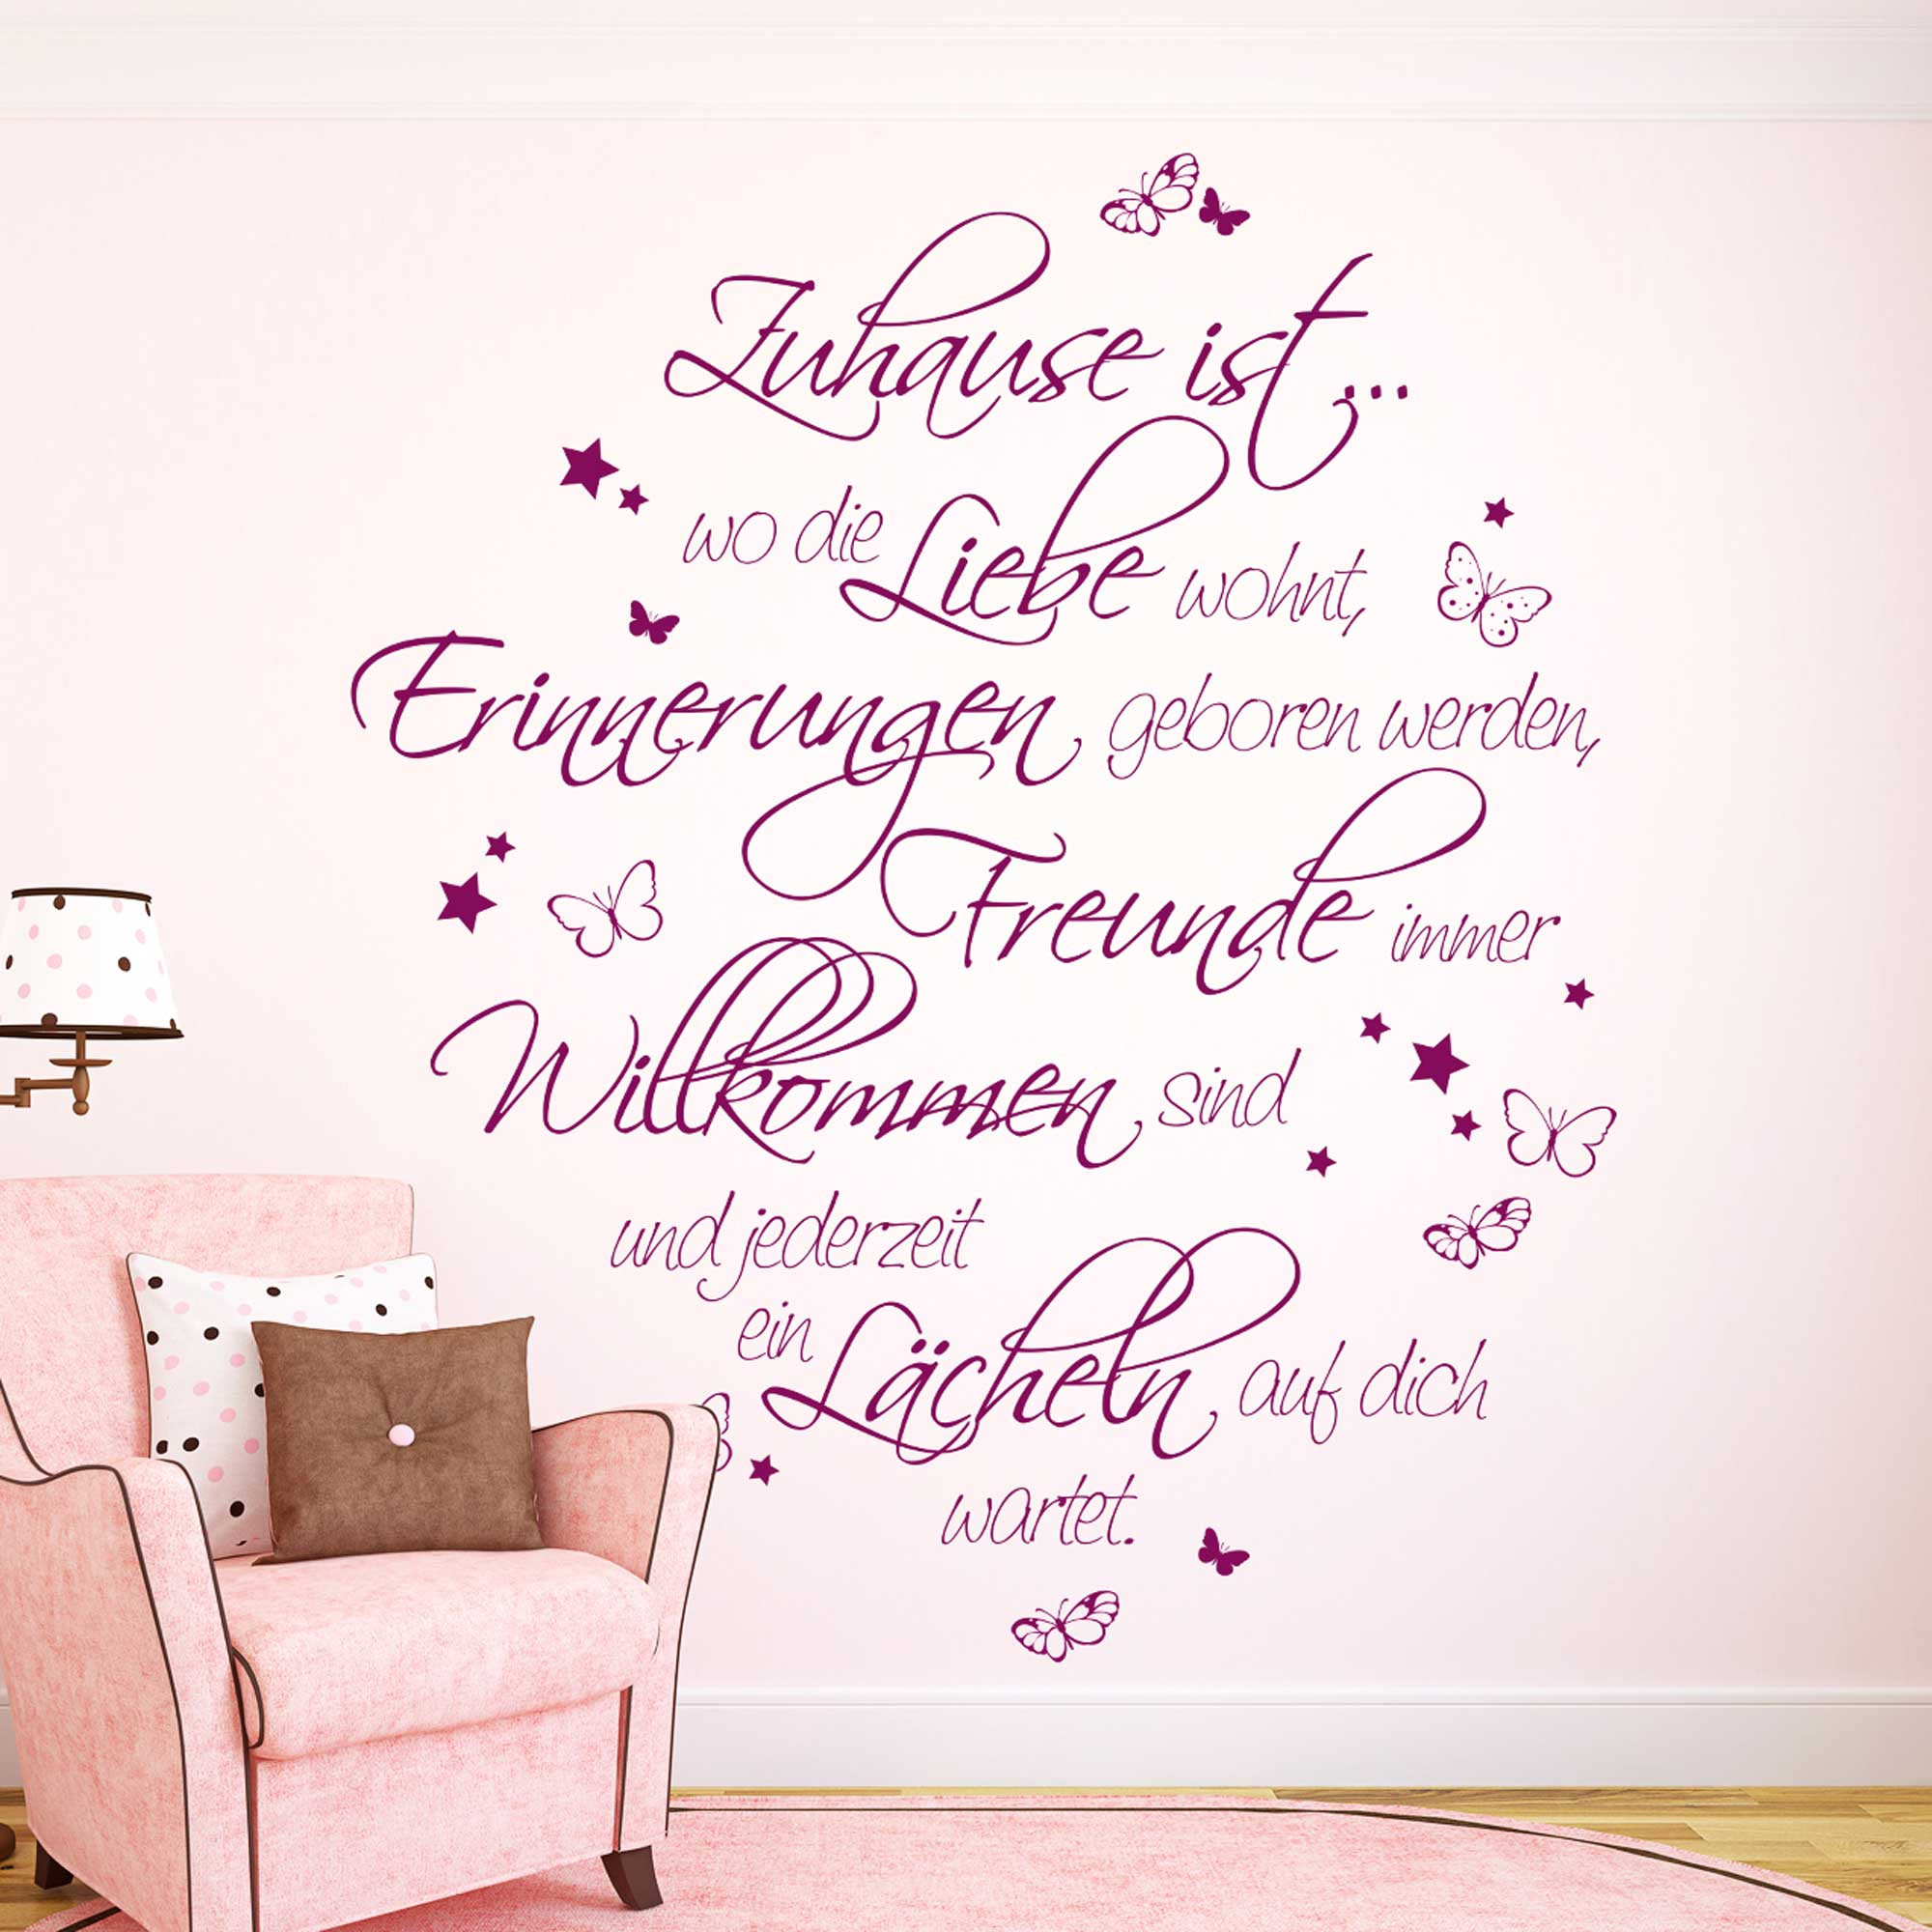 wandtattoo spruch zitat zuhause ist liebe erinnerungen. Black Bedroom Furniture Sets. Home Design Ideas